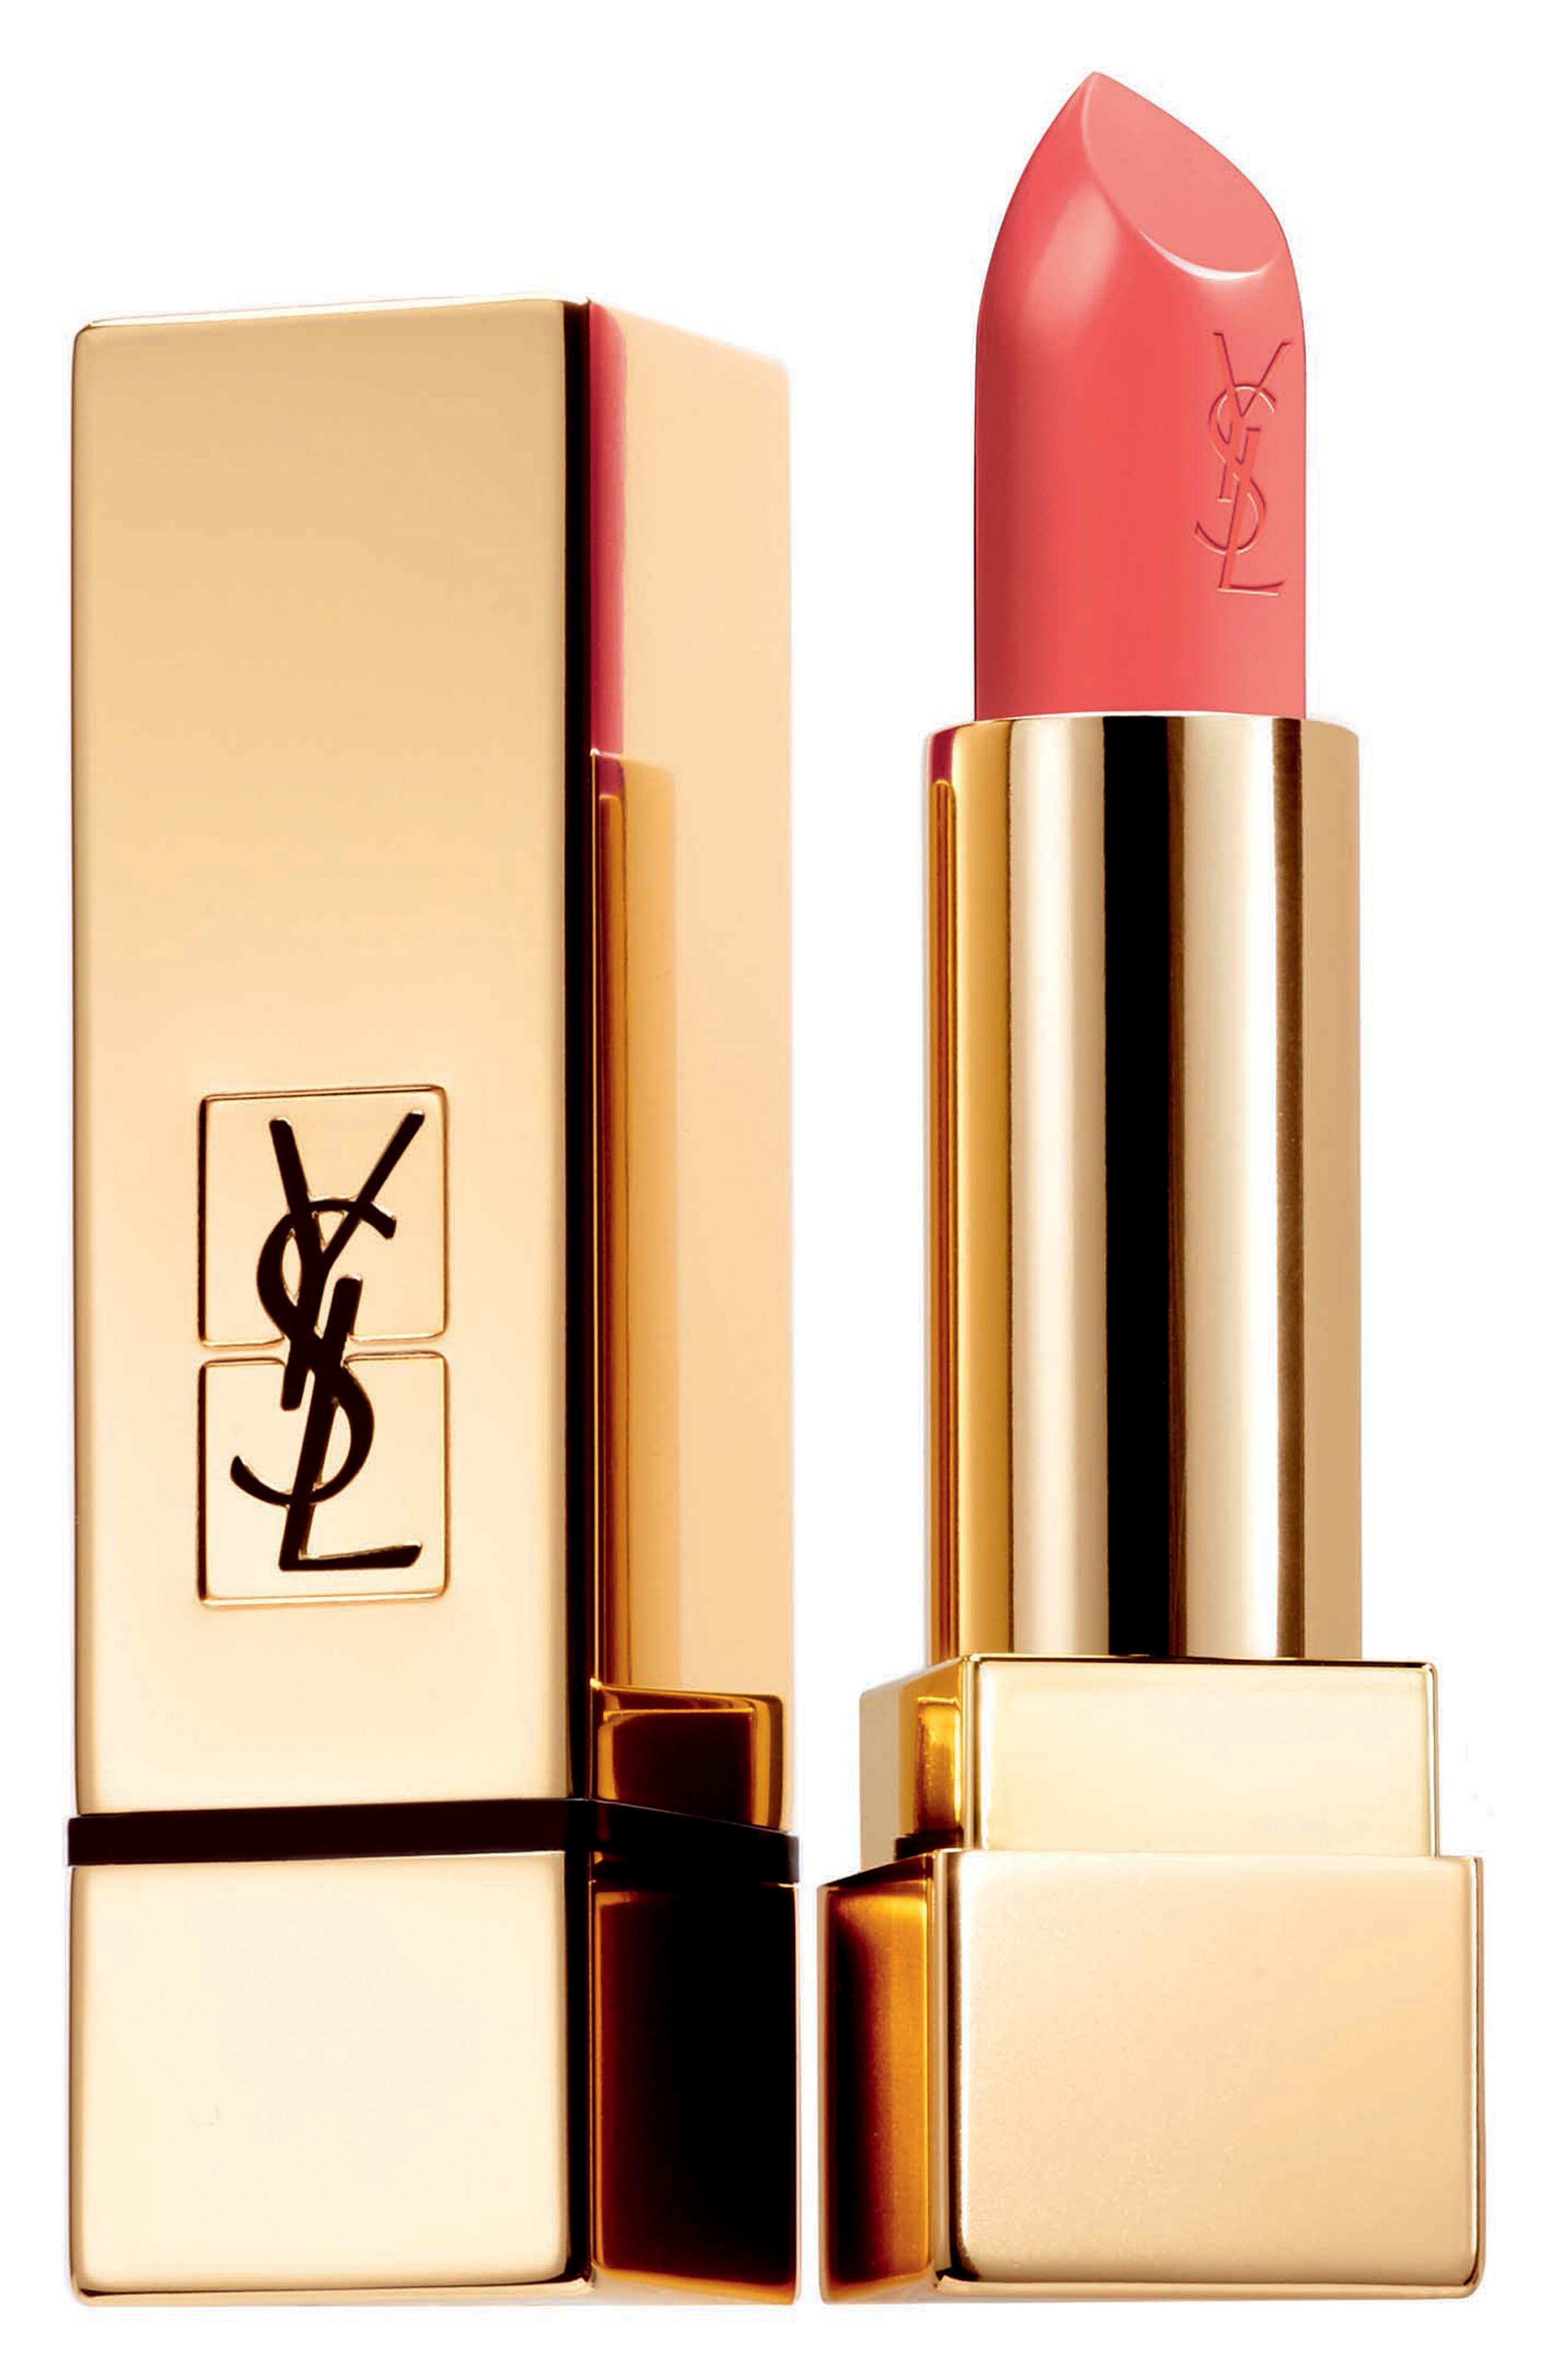 Yves Saint Laurent Rouge Pur Couture Satin Lipstick - 36 Corail Legende